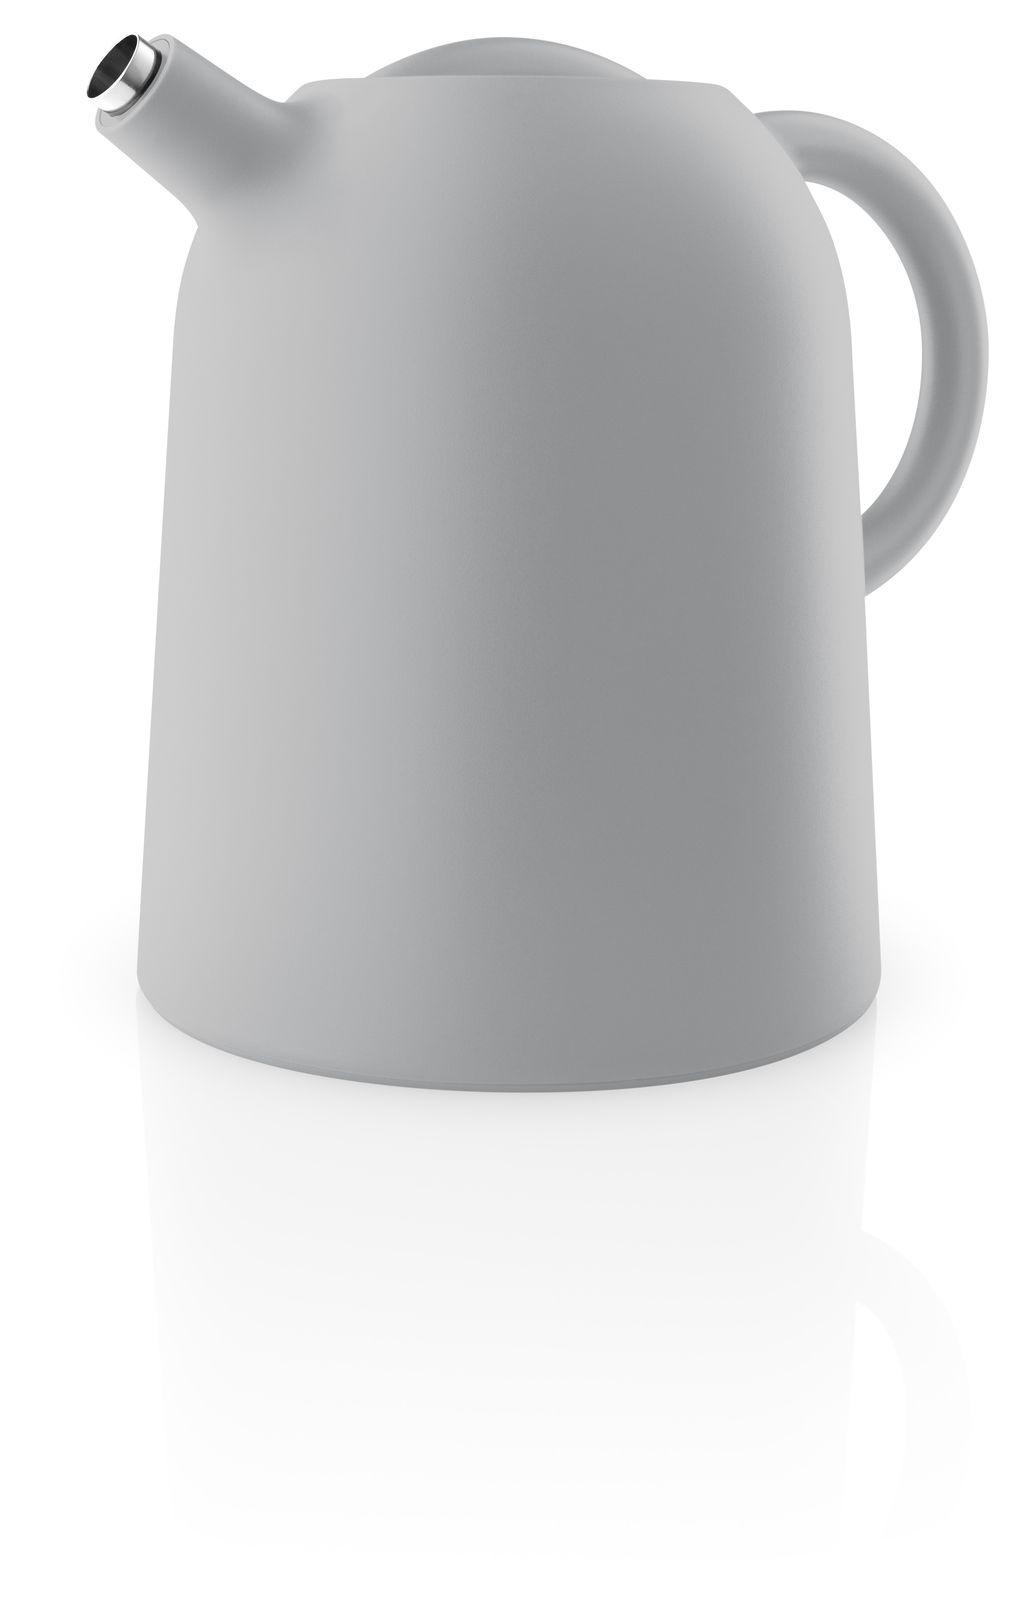 Eva Solo Thimble Vacuüm Kan 1 liter